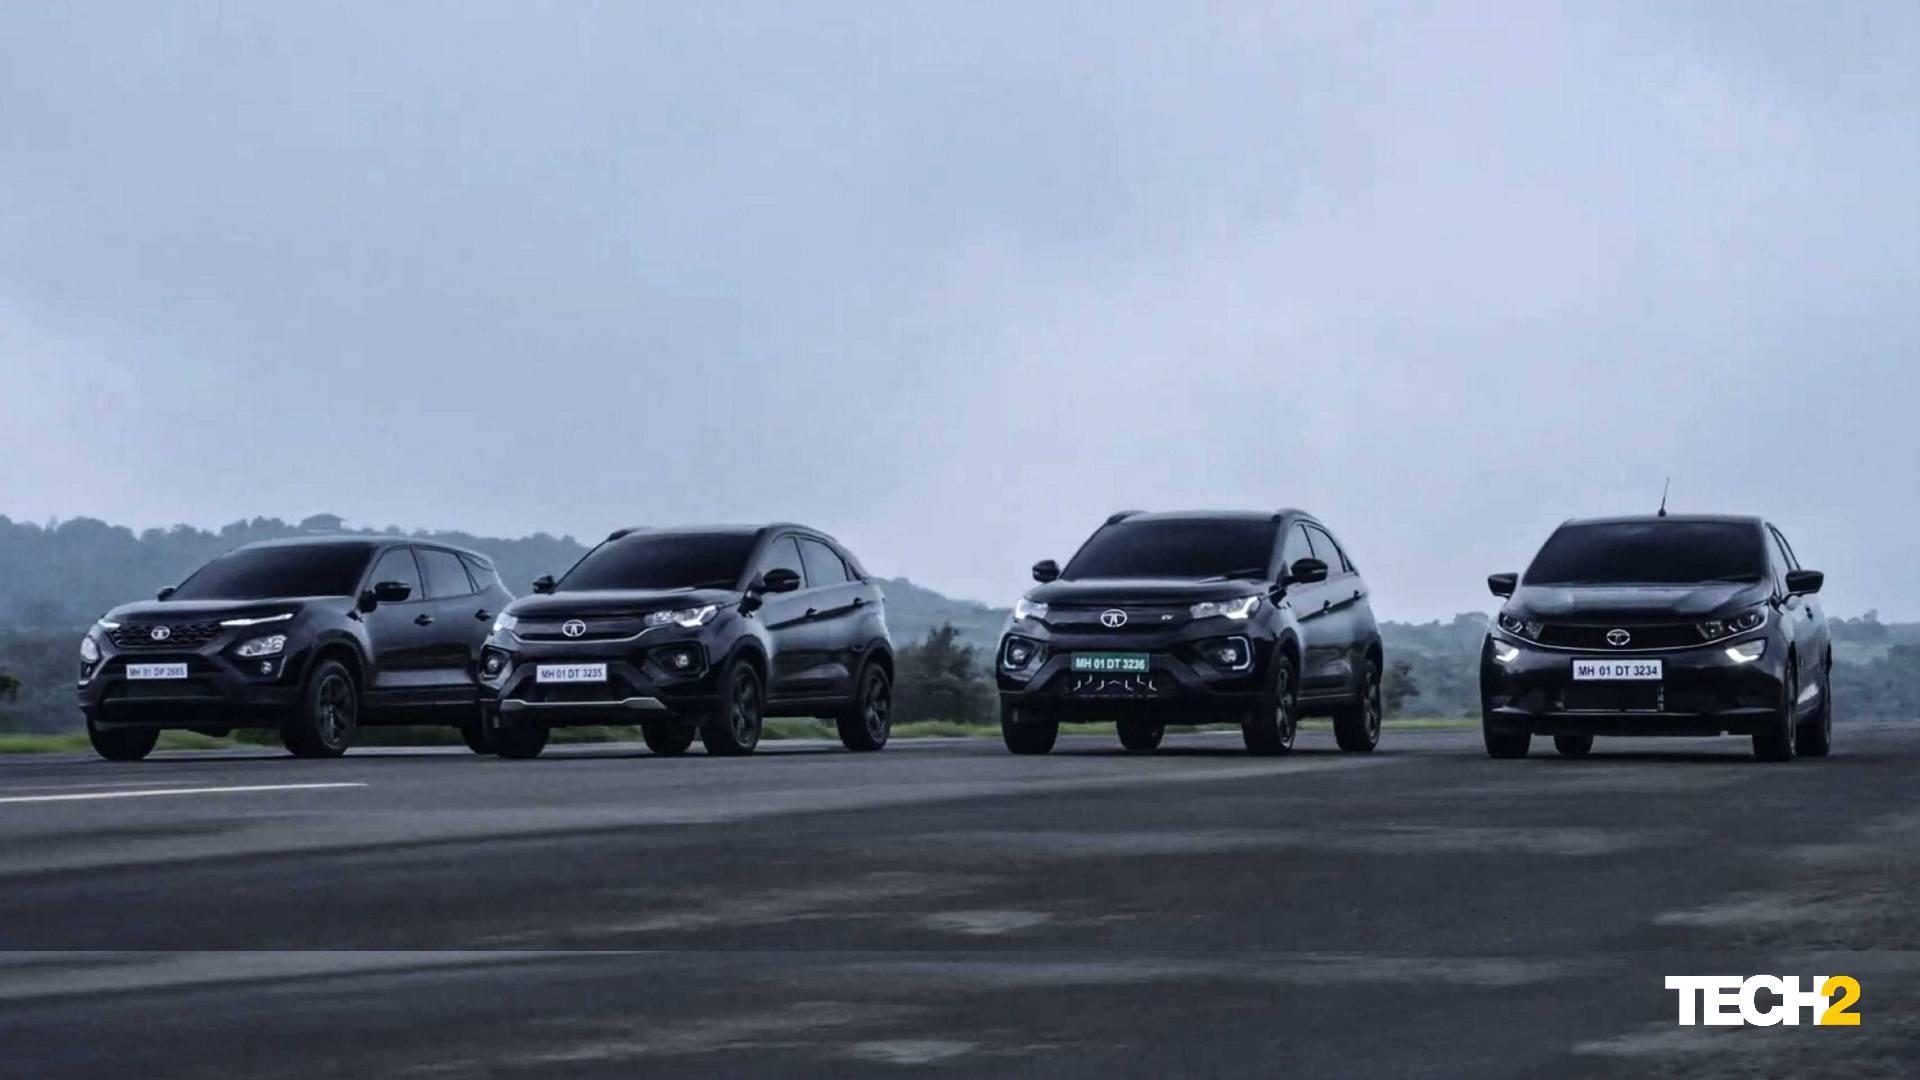 All Black Altroz Dark, Nexon Dark, Nexon EV Dark Launched - Technology News, Firstpost